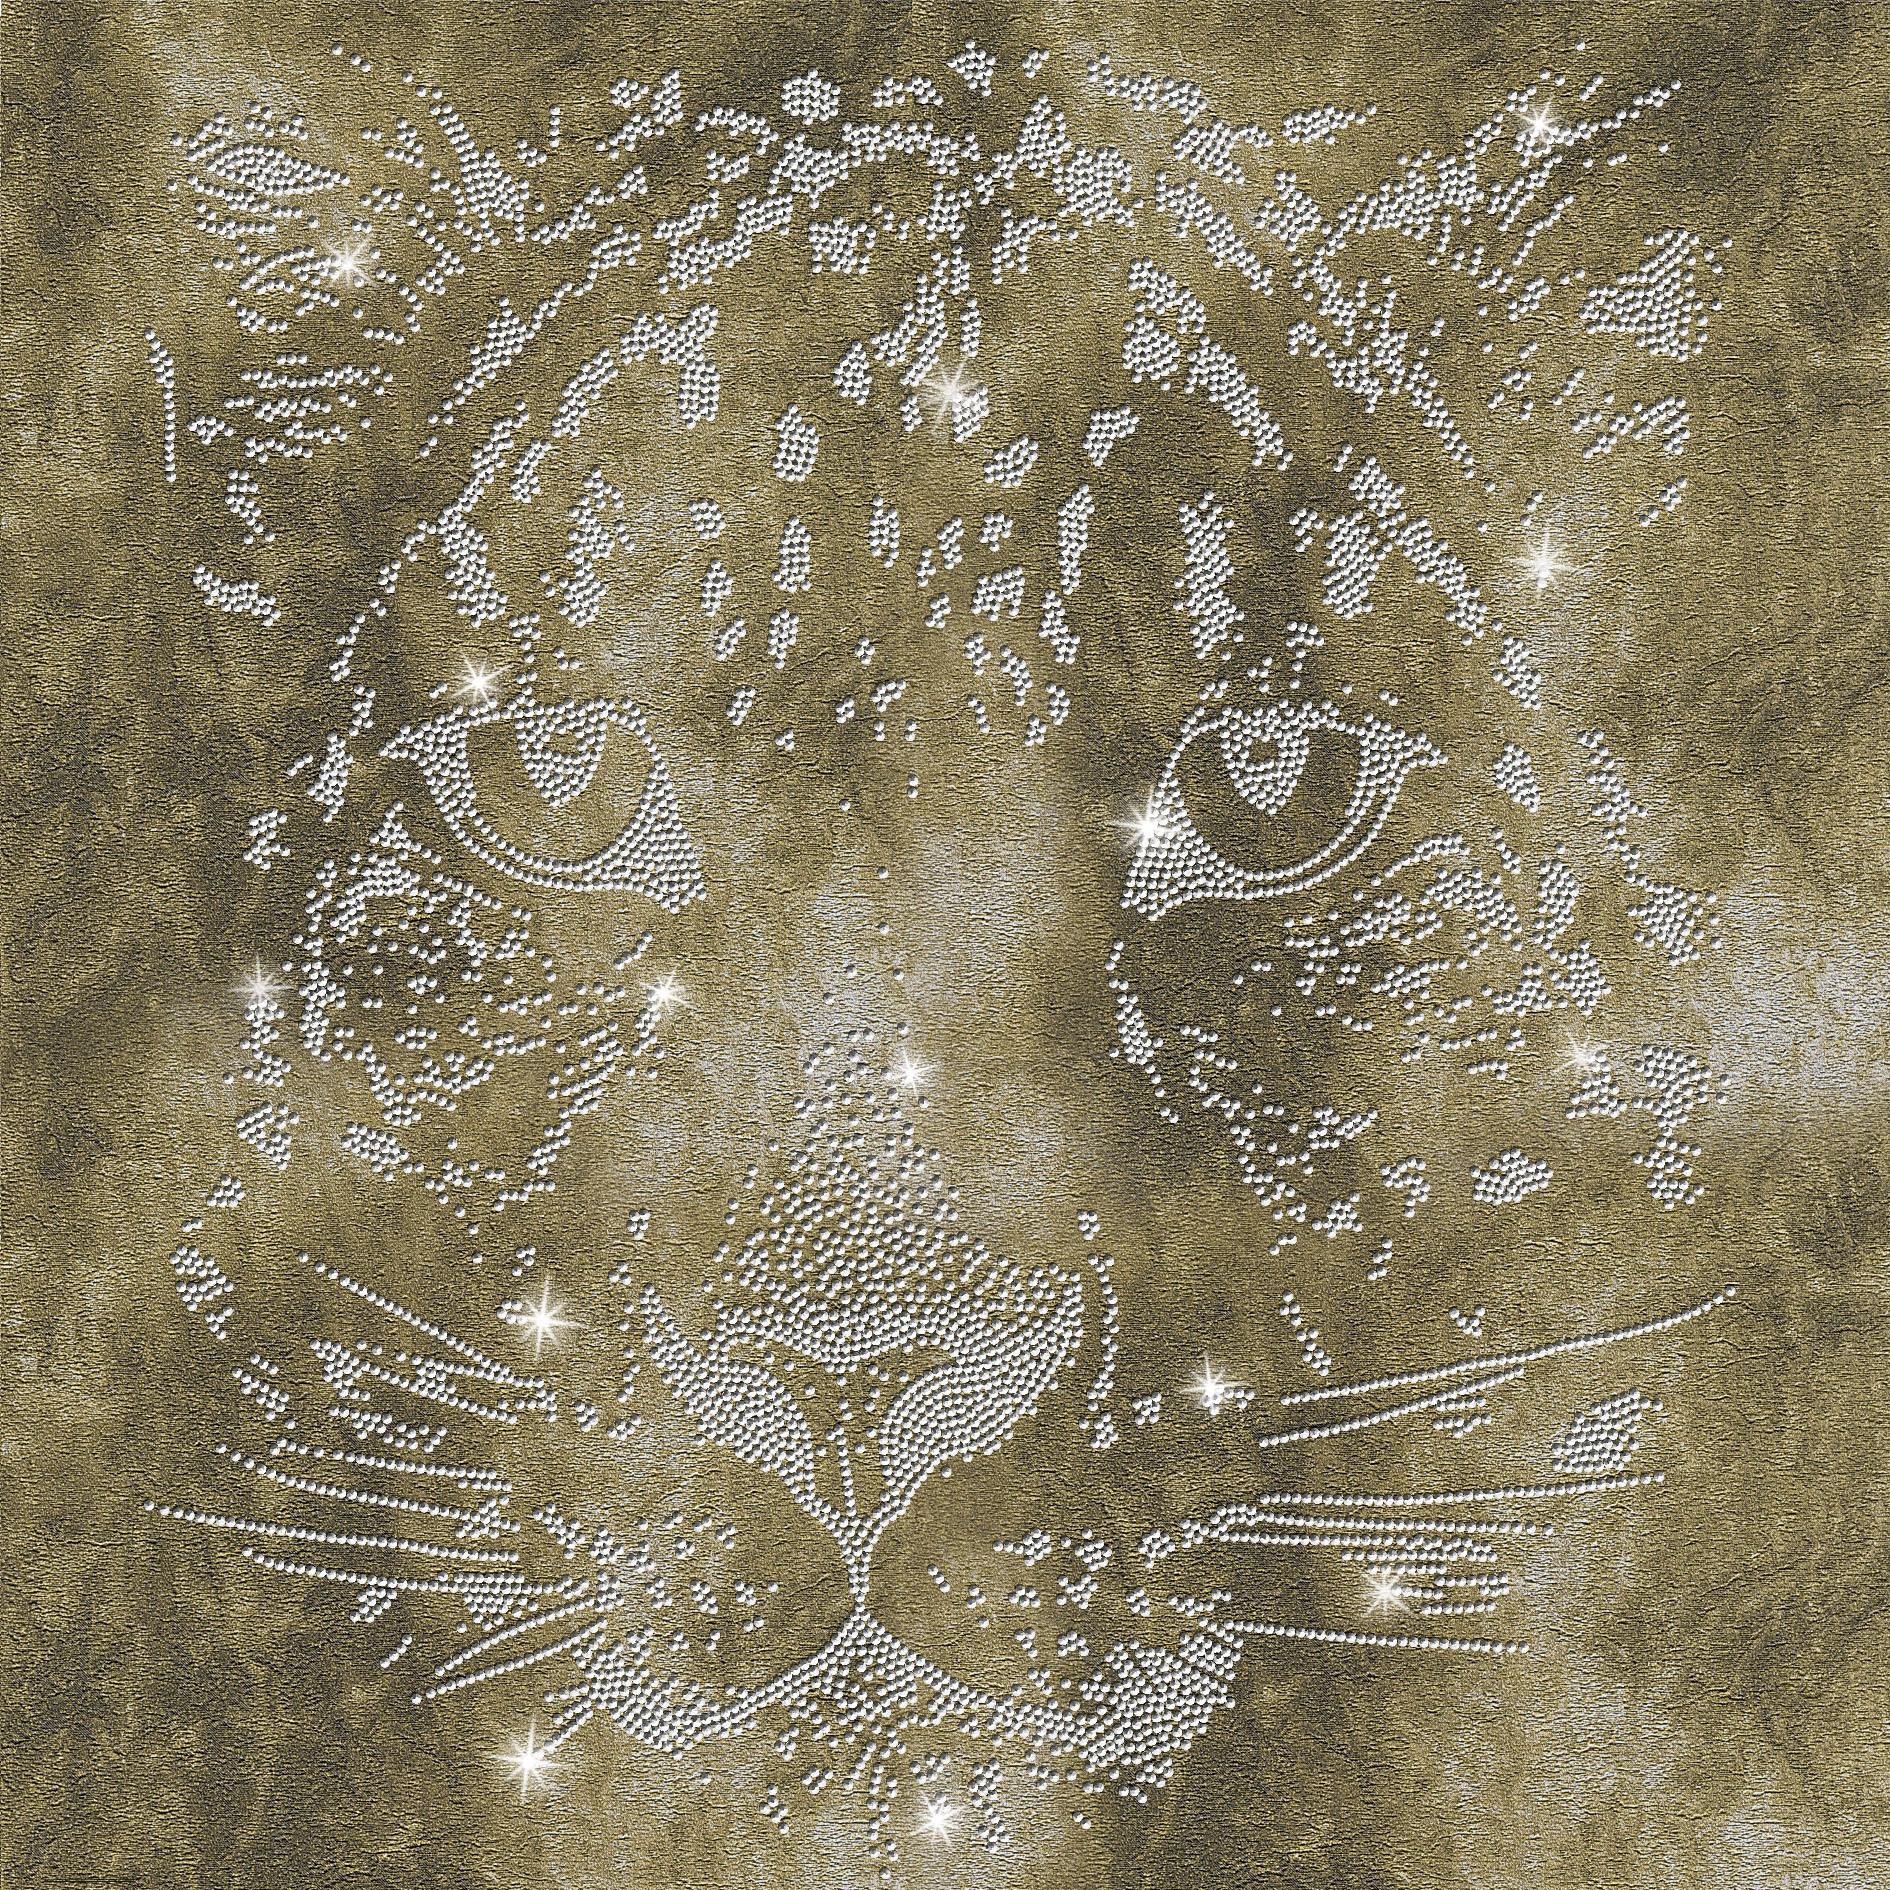 El lujo en el papel pintado dise ado por roberto cavalli for Marcas de papel pintado